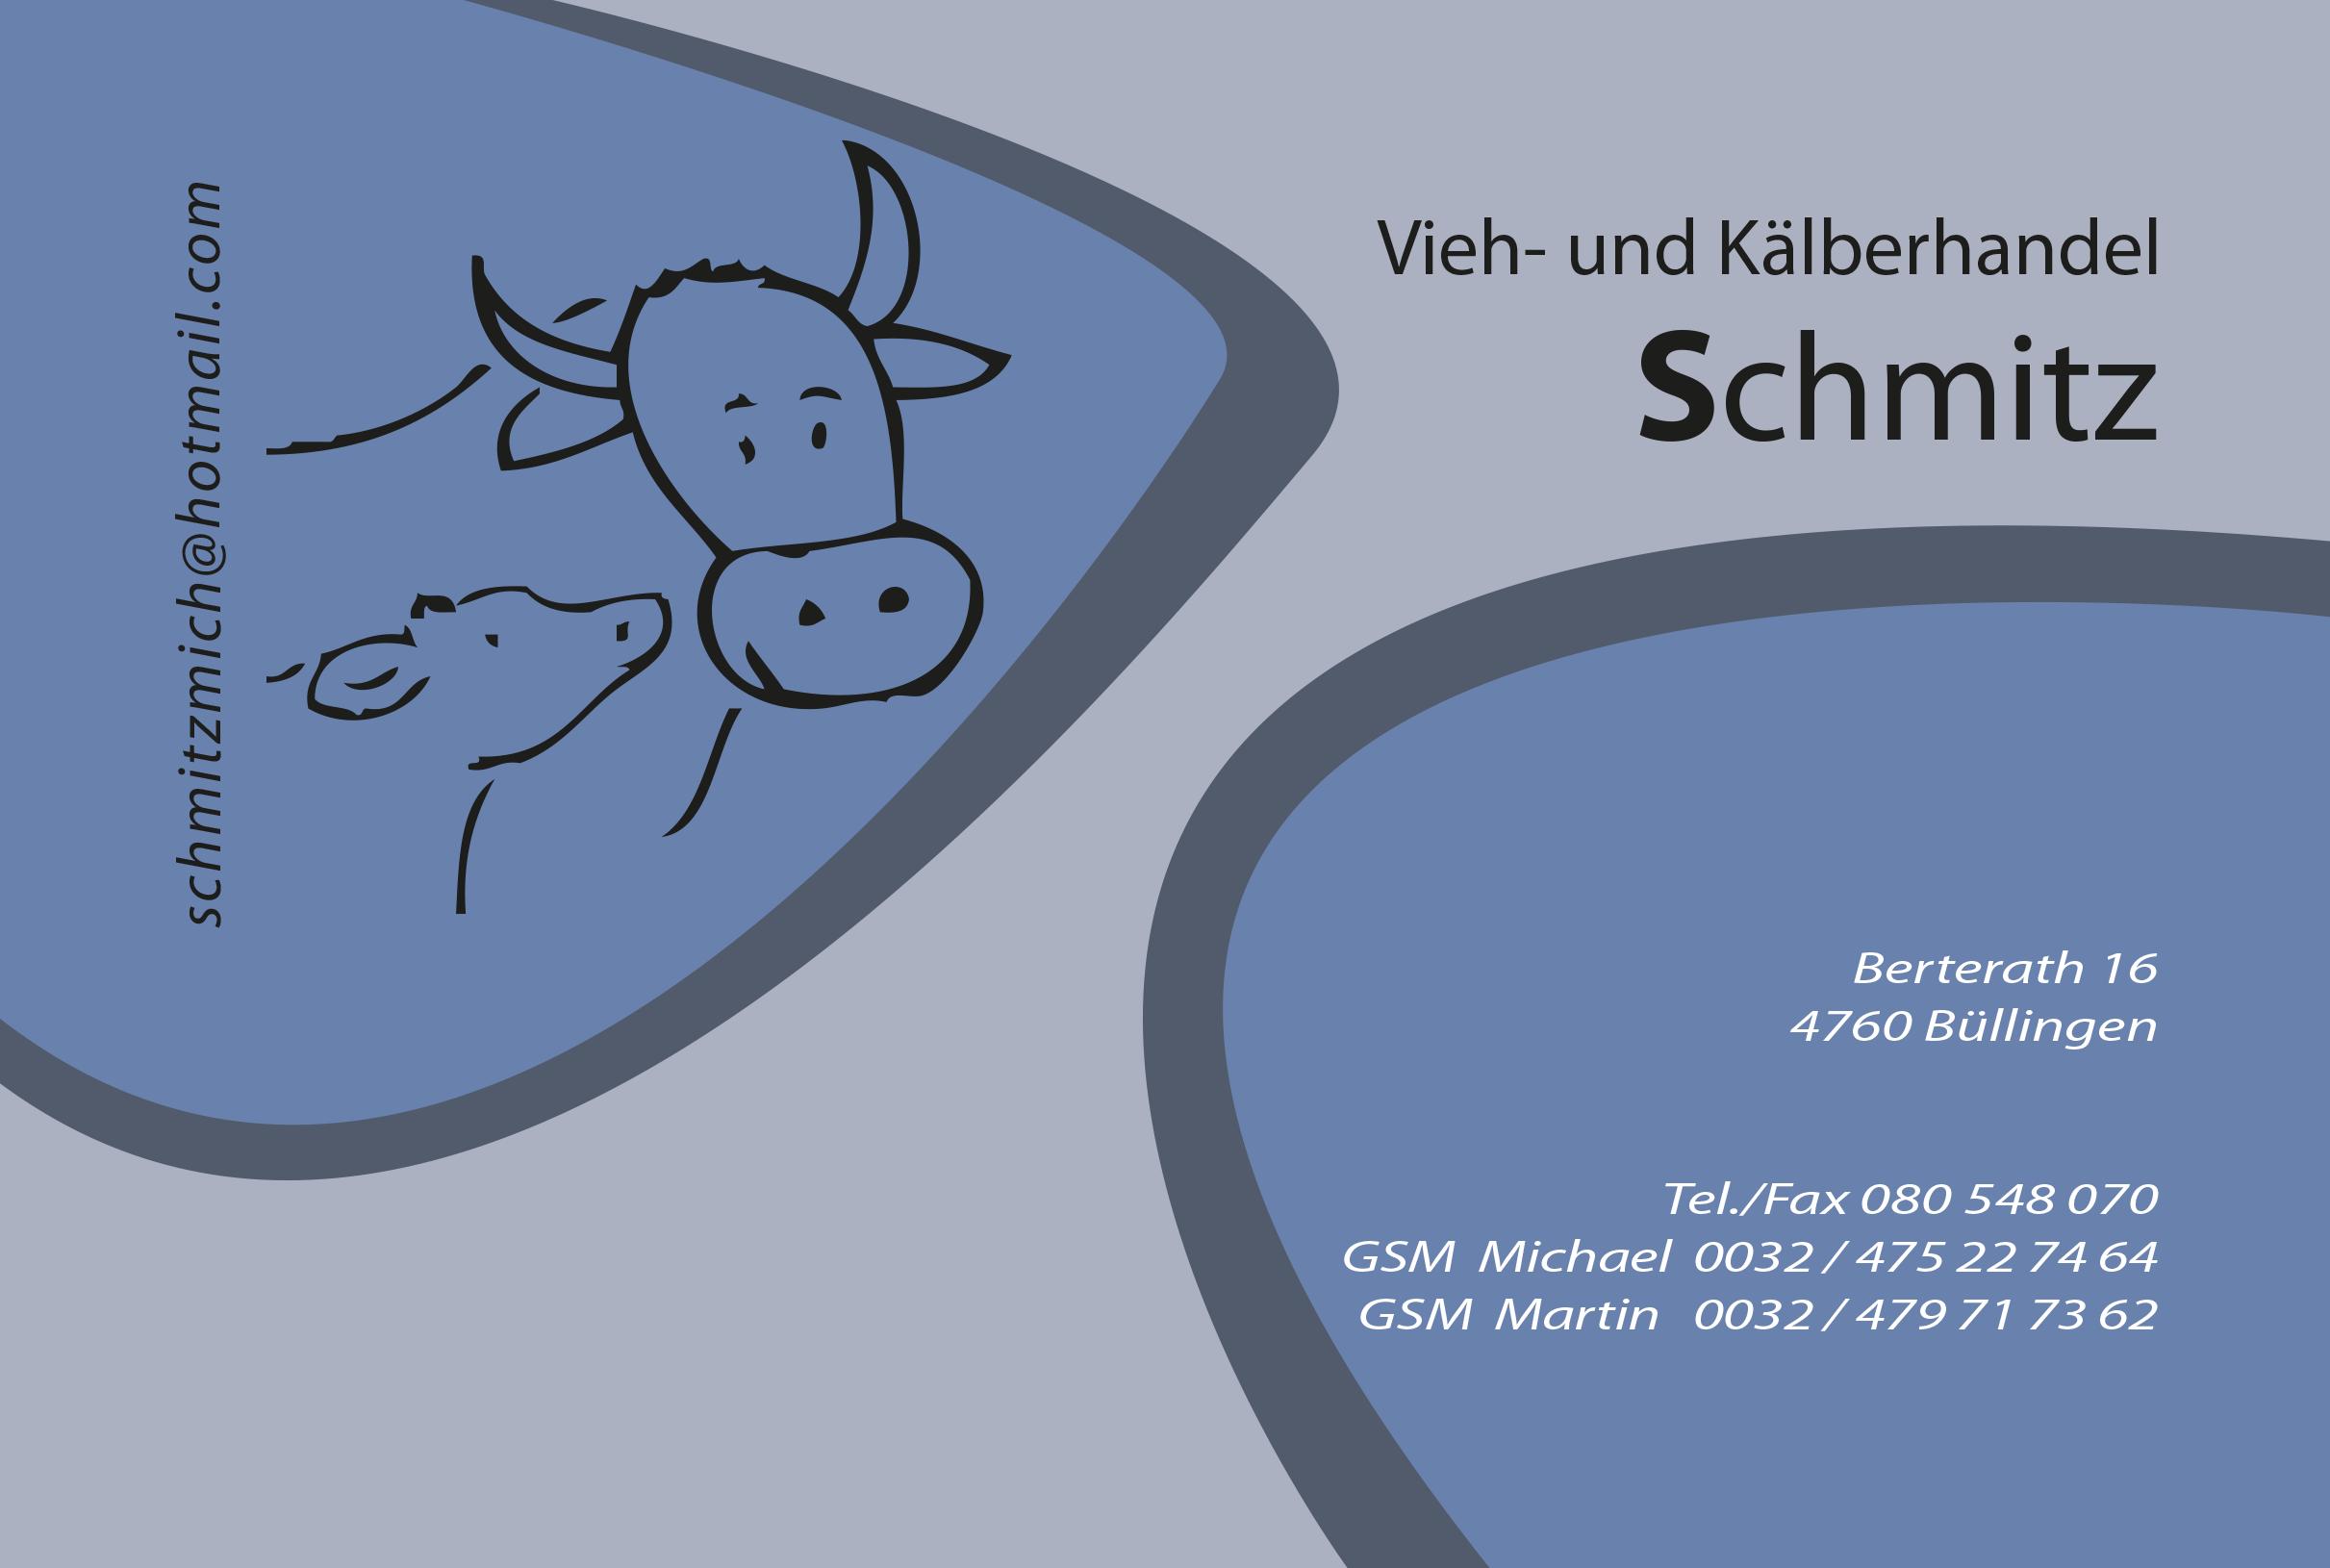 Logo Vieh- und Kälberhandel Schmitz